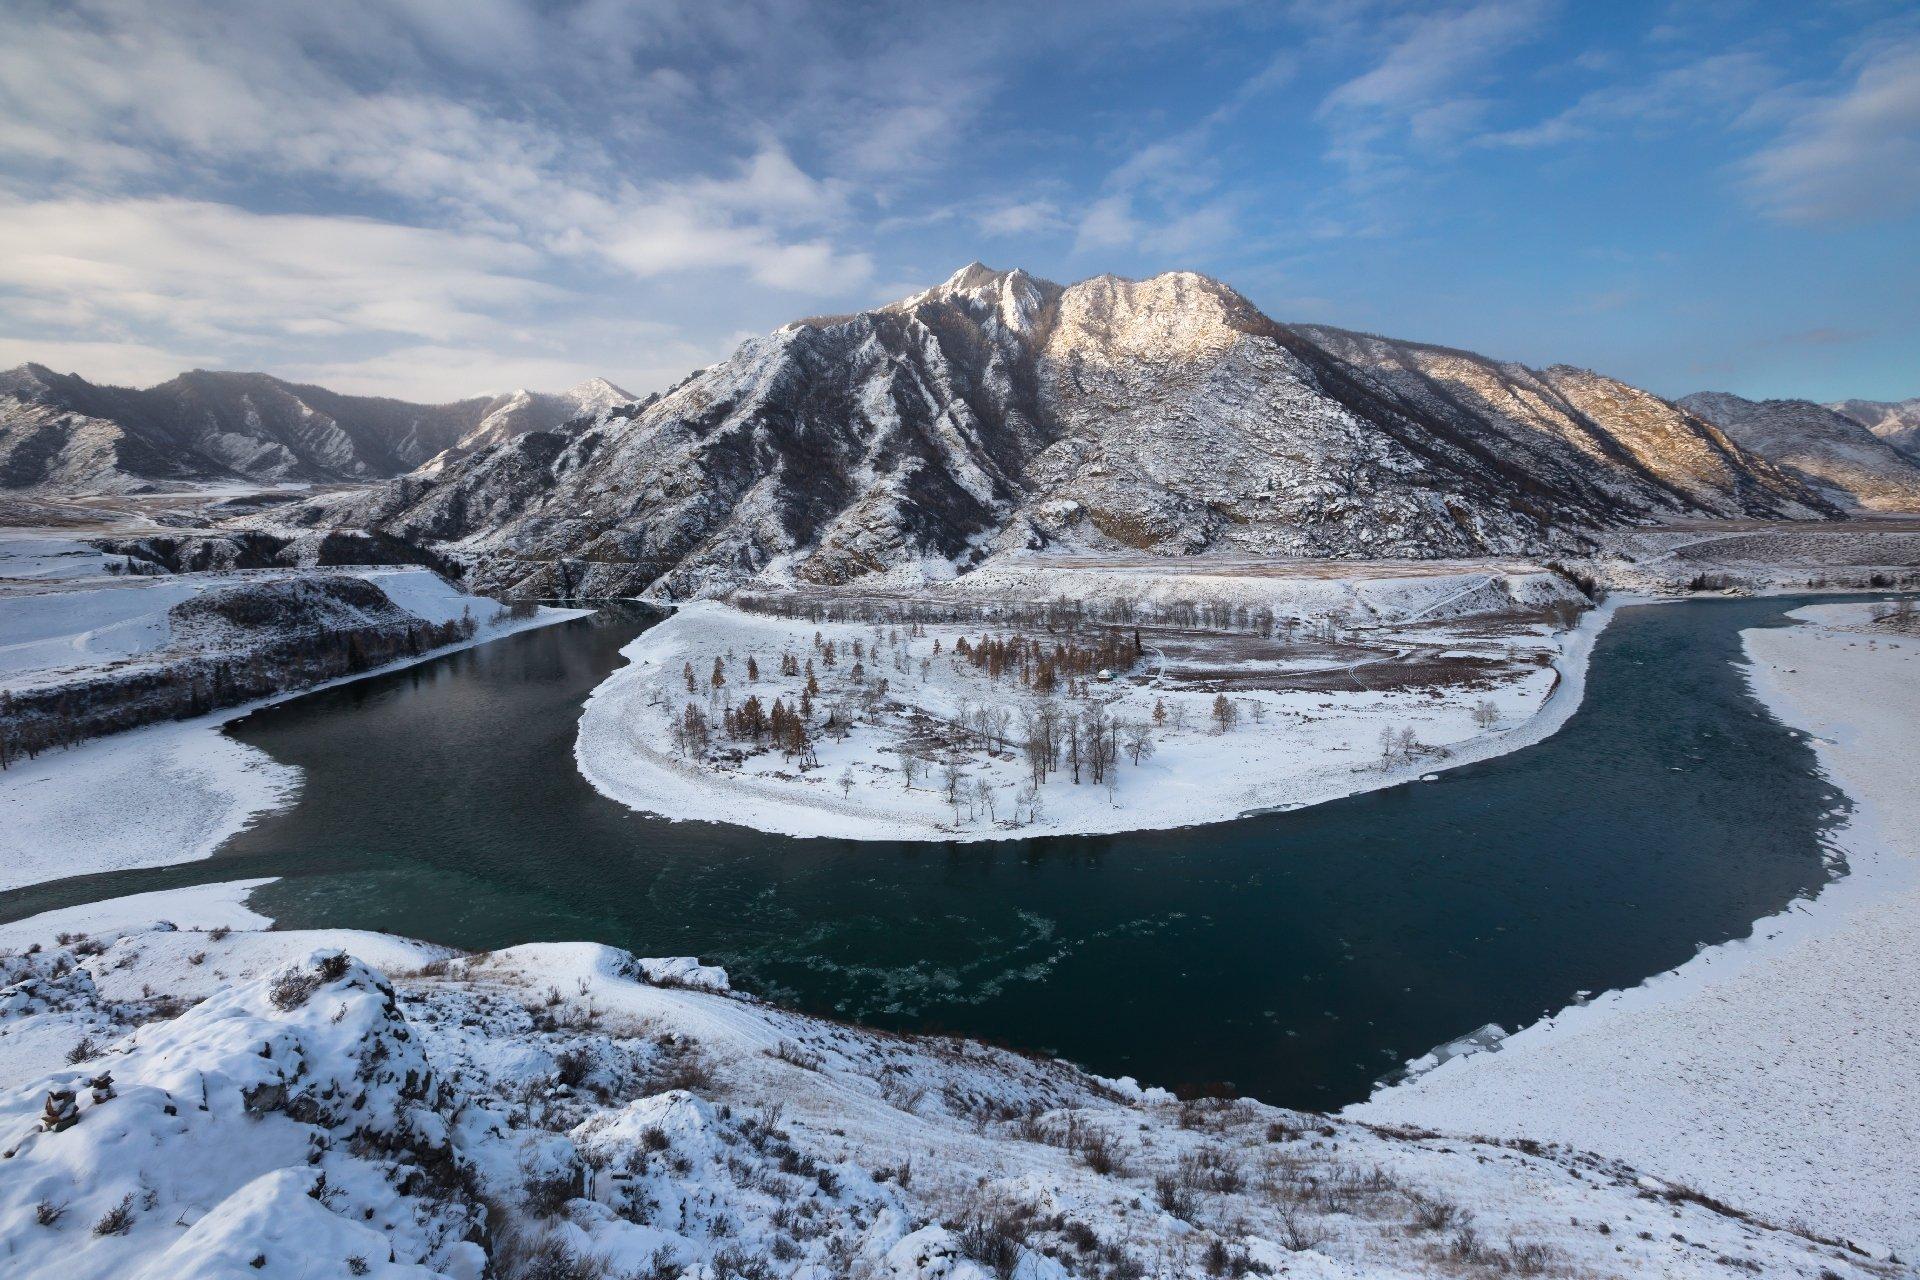 Горный Алтай, Чуя, Катунь, рассвет, утро, горы, Виктор Зайцев